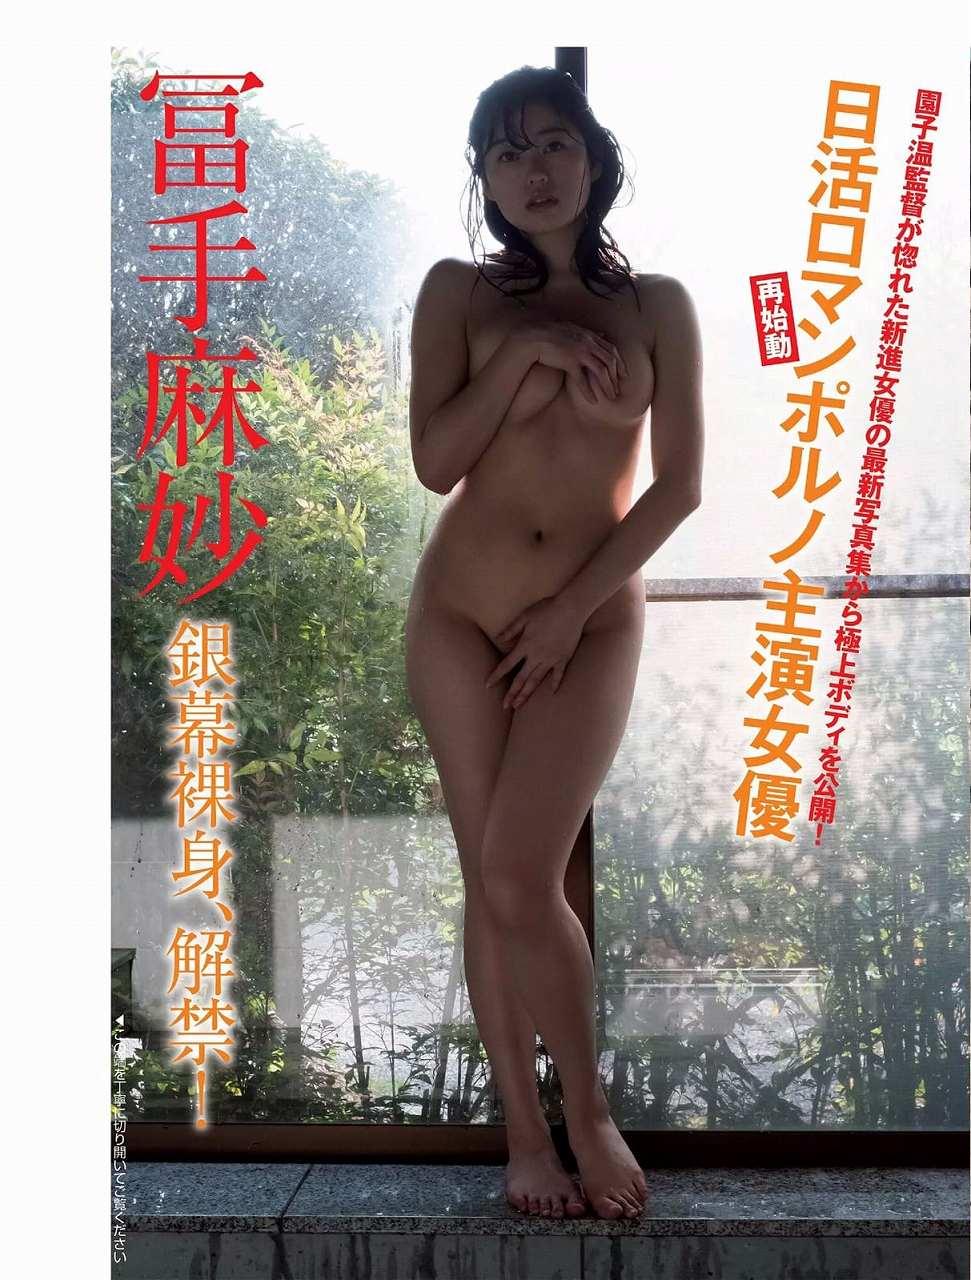 「週刊FLASH(フラッシュ) 2016年12月13日号」冨手麻妙のヌードグラビア